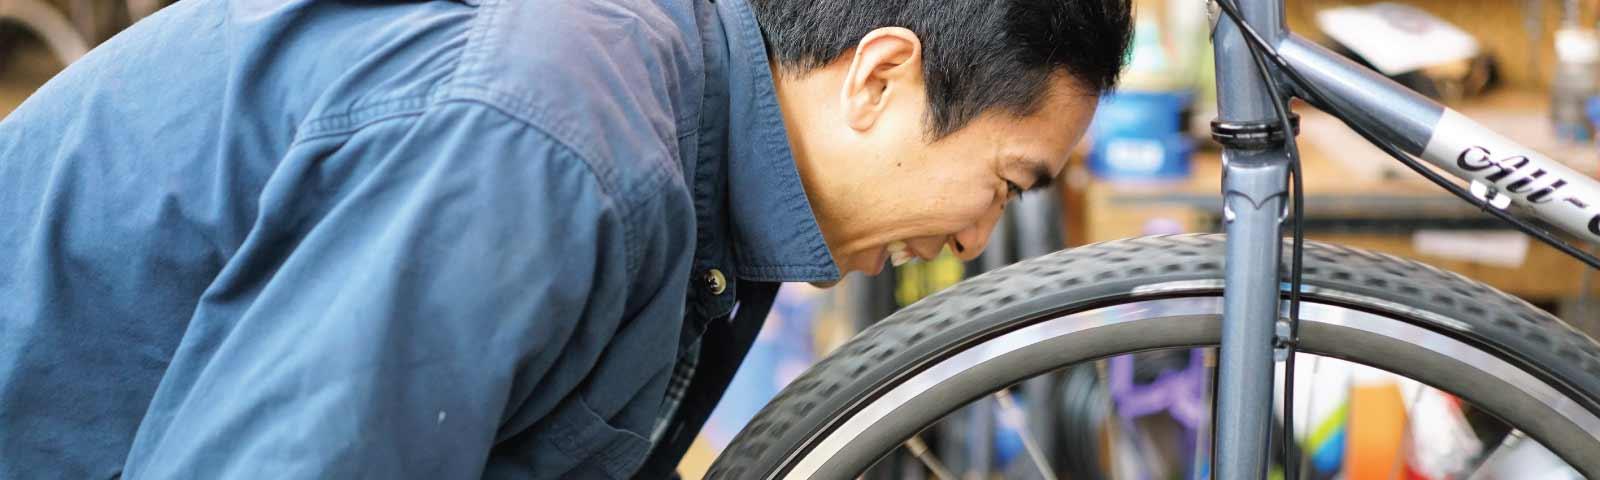 Work or volunteer at Bike Works Seattle